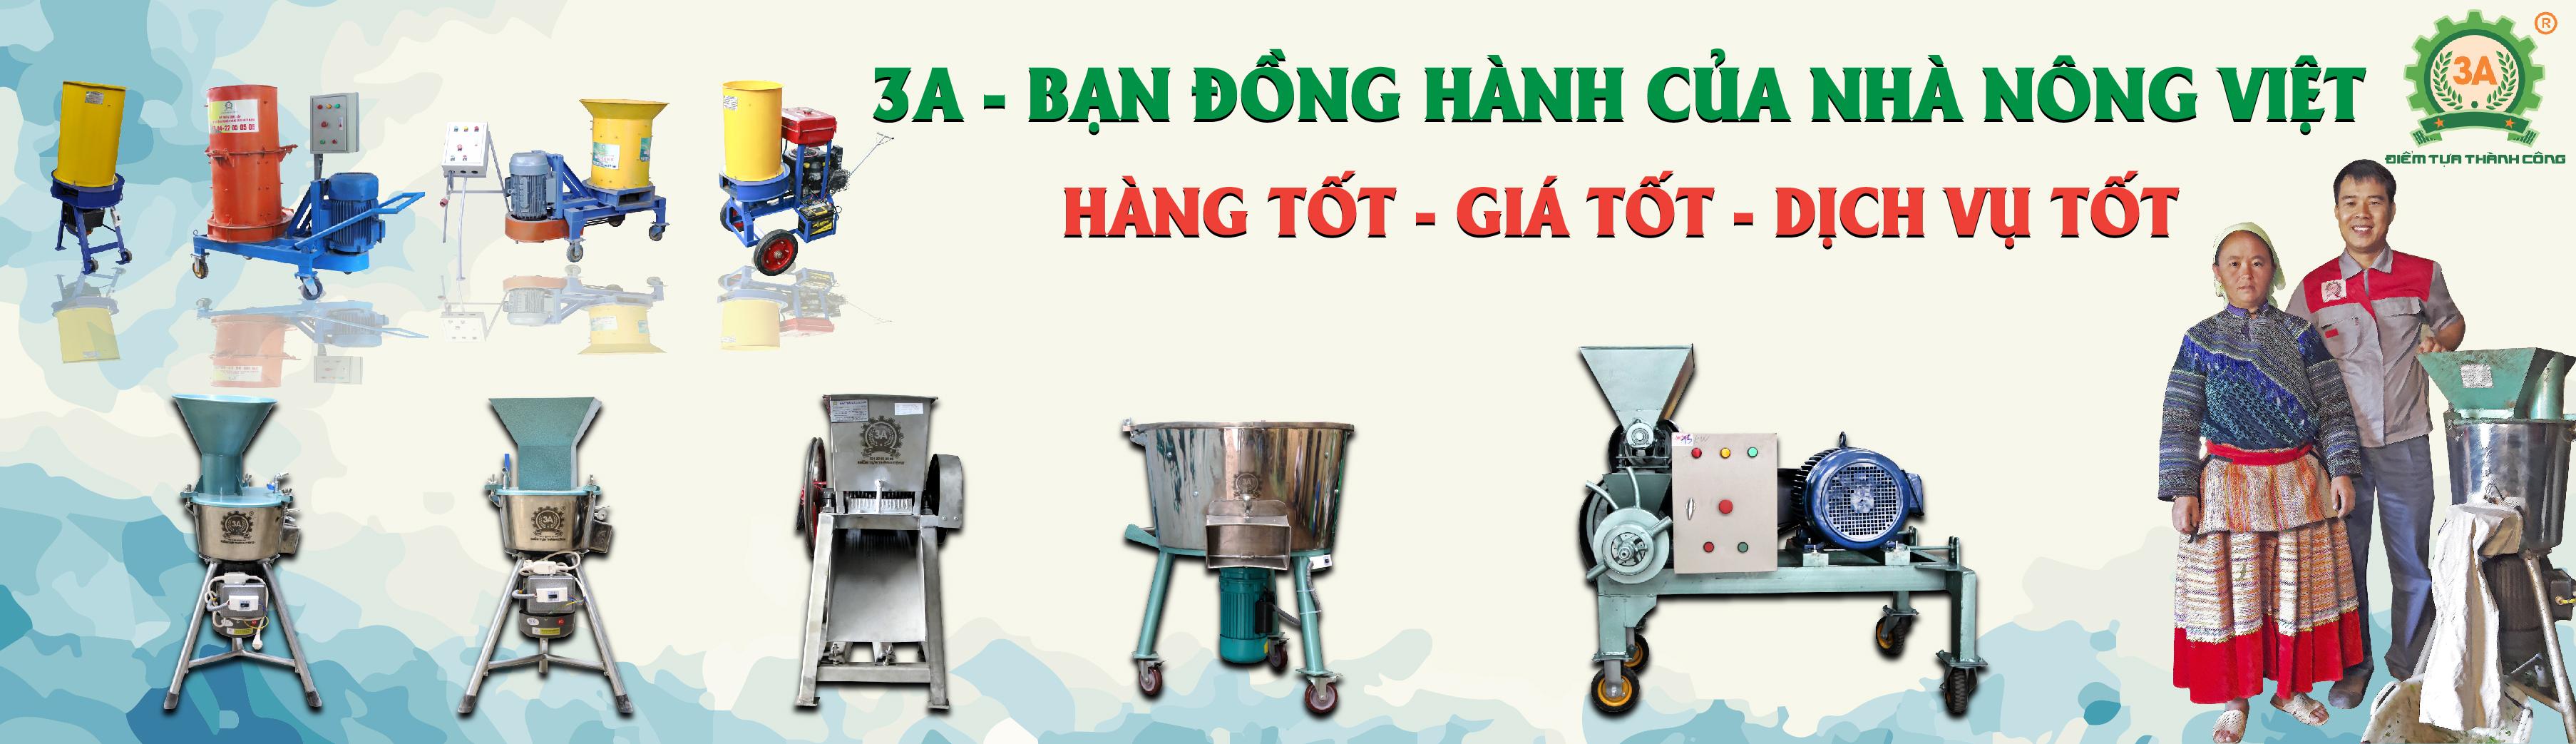 Banner máy nông nghiệp 3A (02)